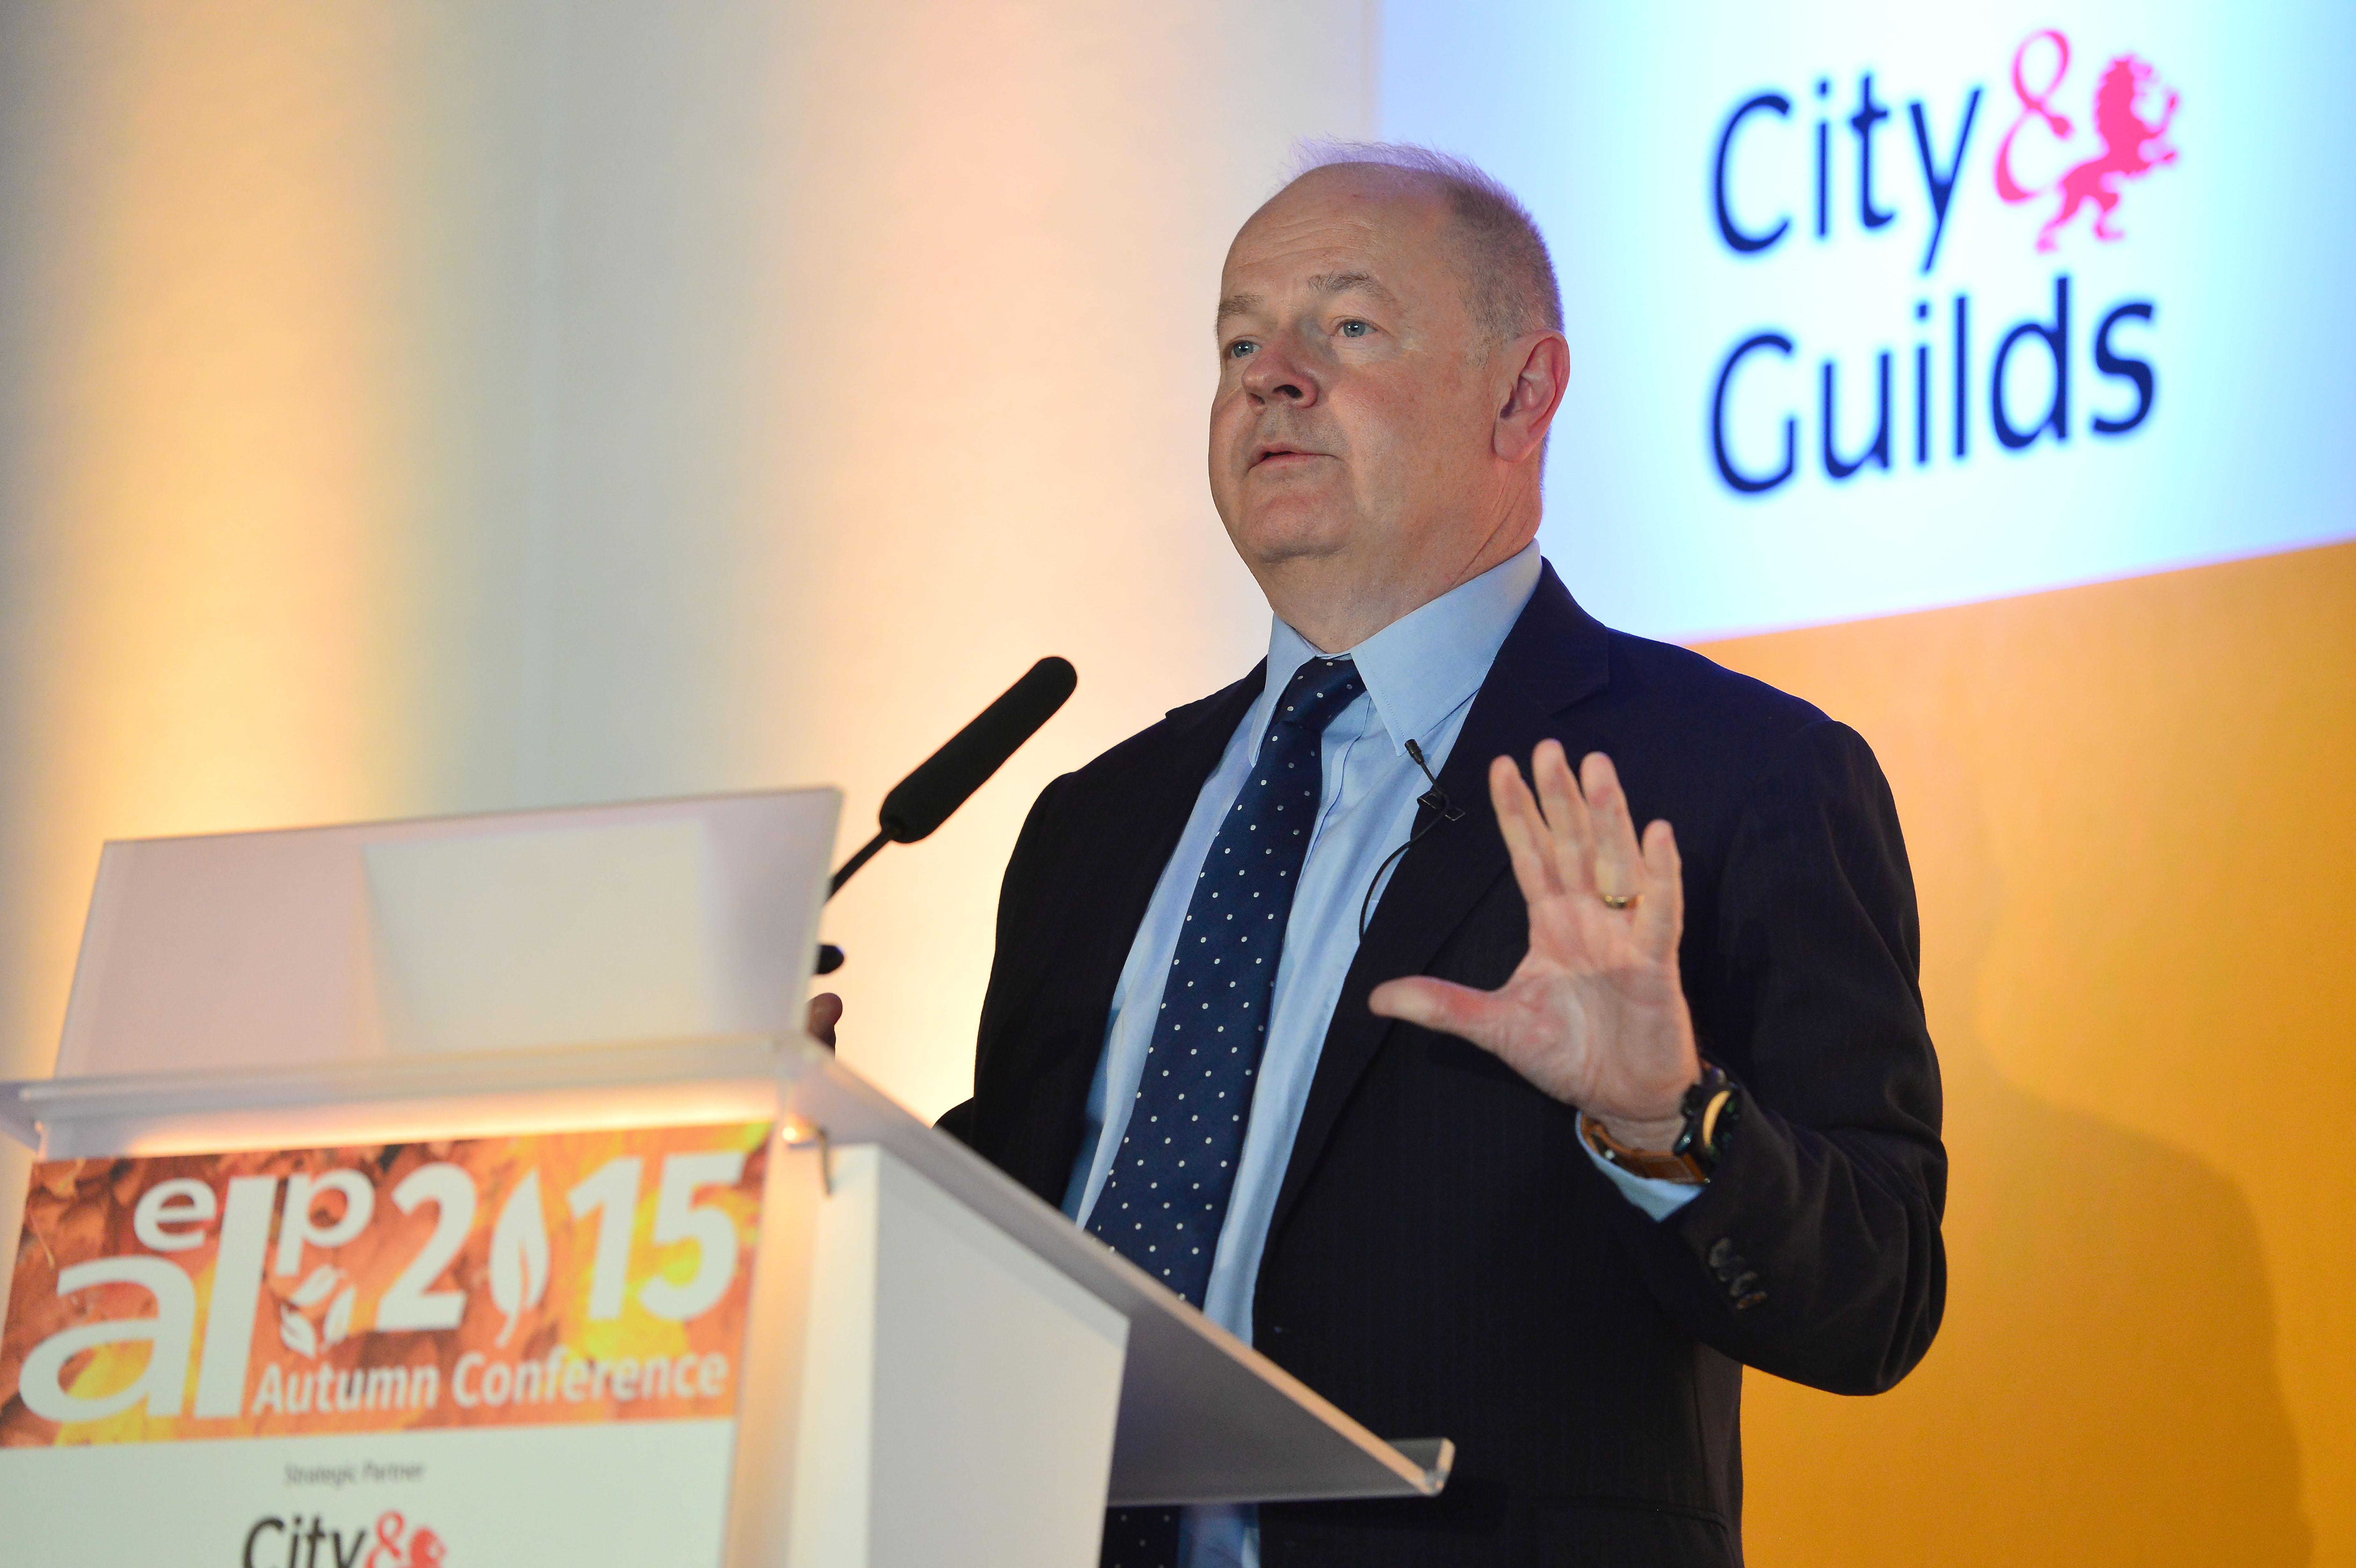 Martin Dunford, AELP chairman